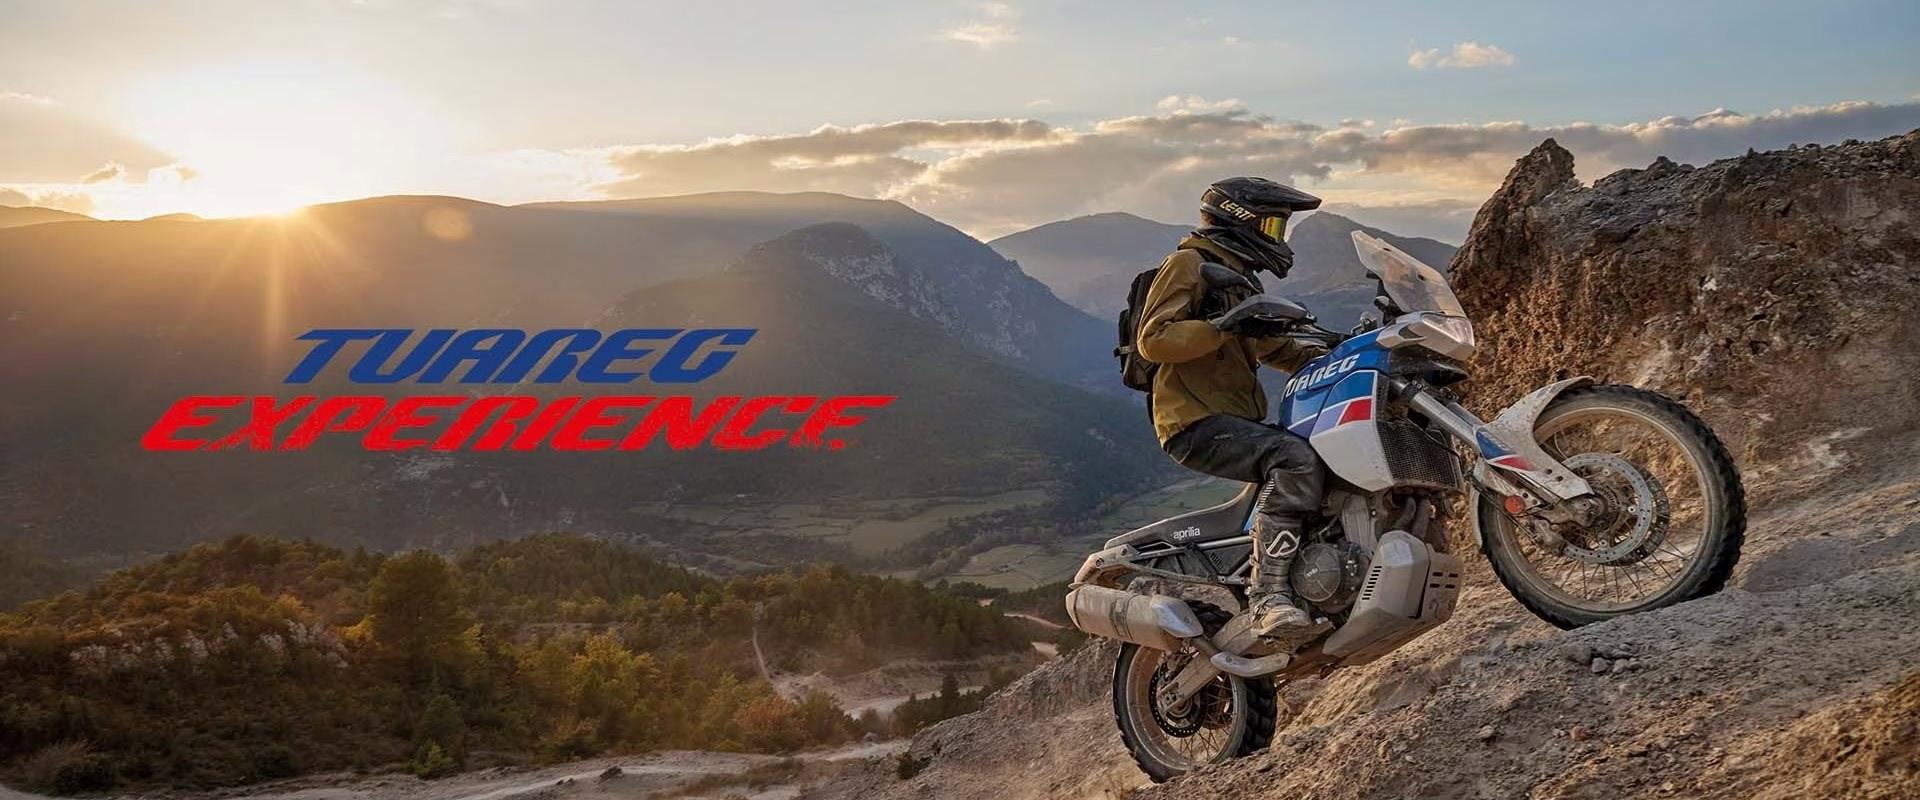 präsentiert Aprilia das aktuell modernste und fortschrittlichste Adventure-Bike-Konzept in der Klasse.